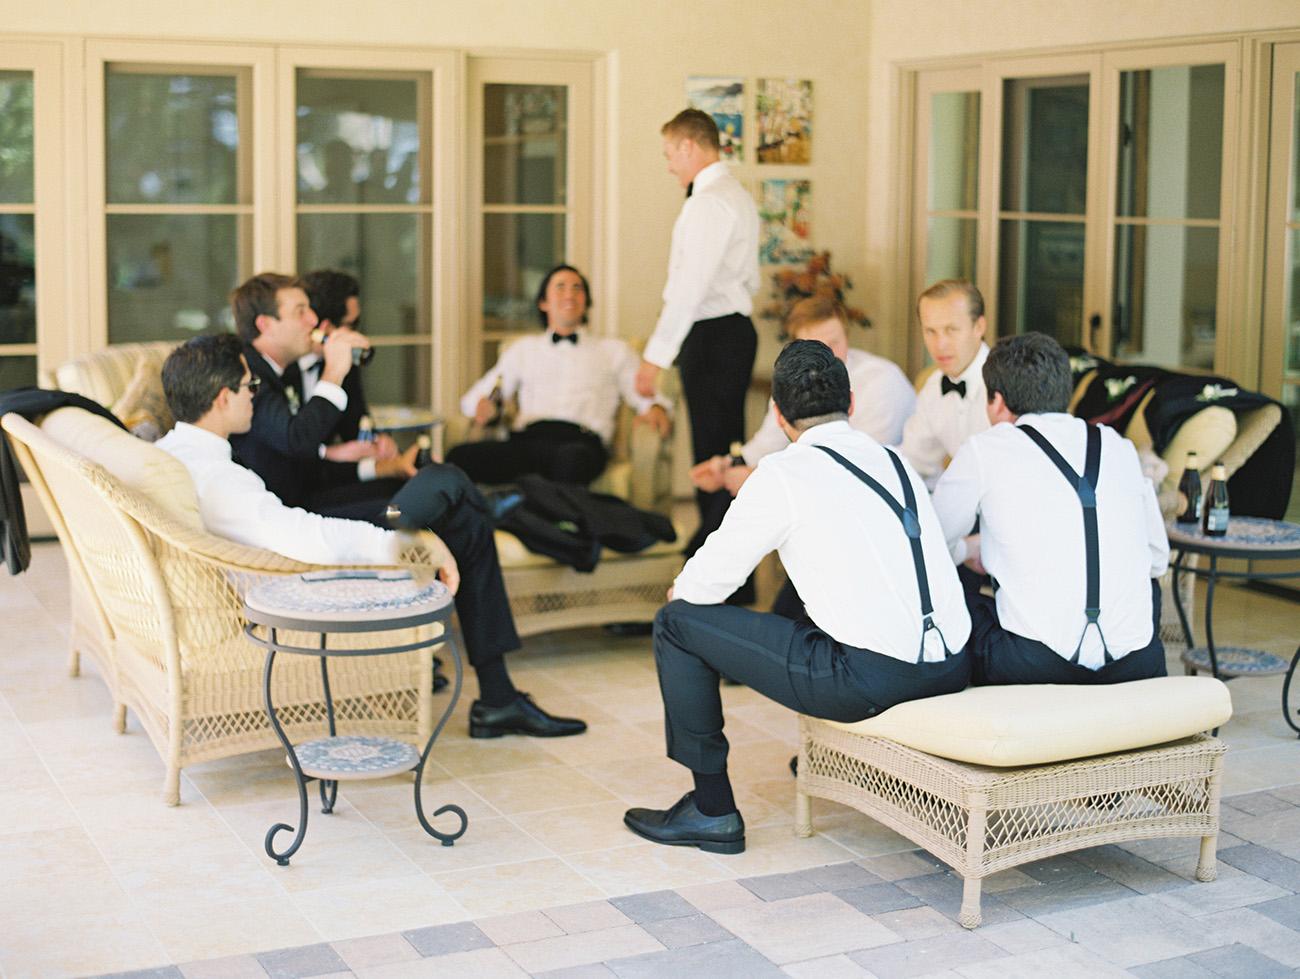 Lane_Dittoe_weddings_059.jpg